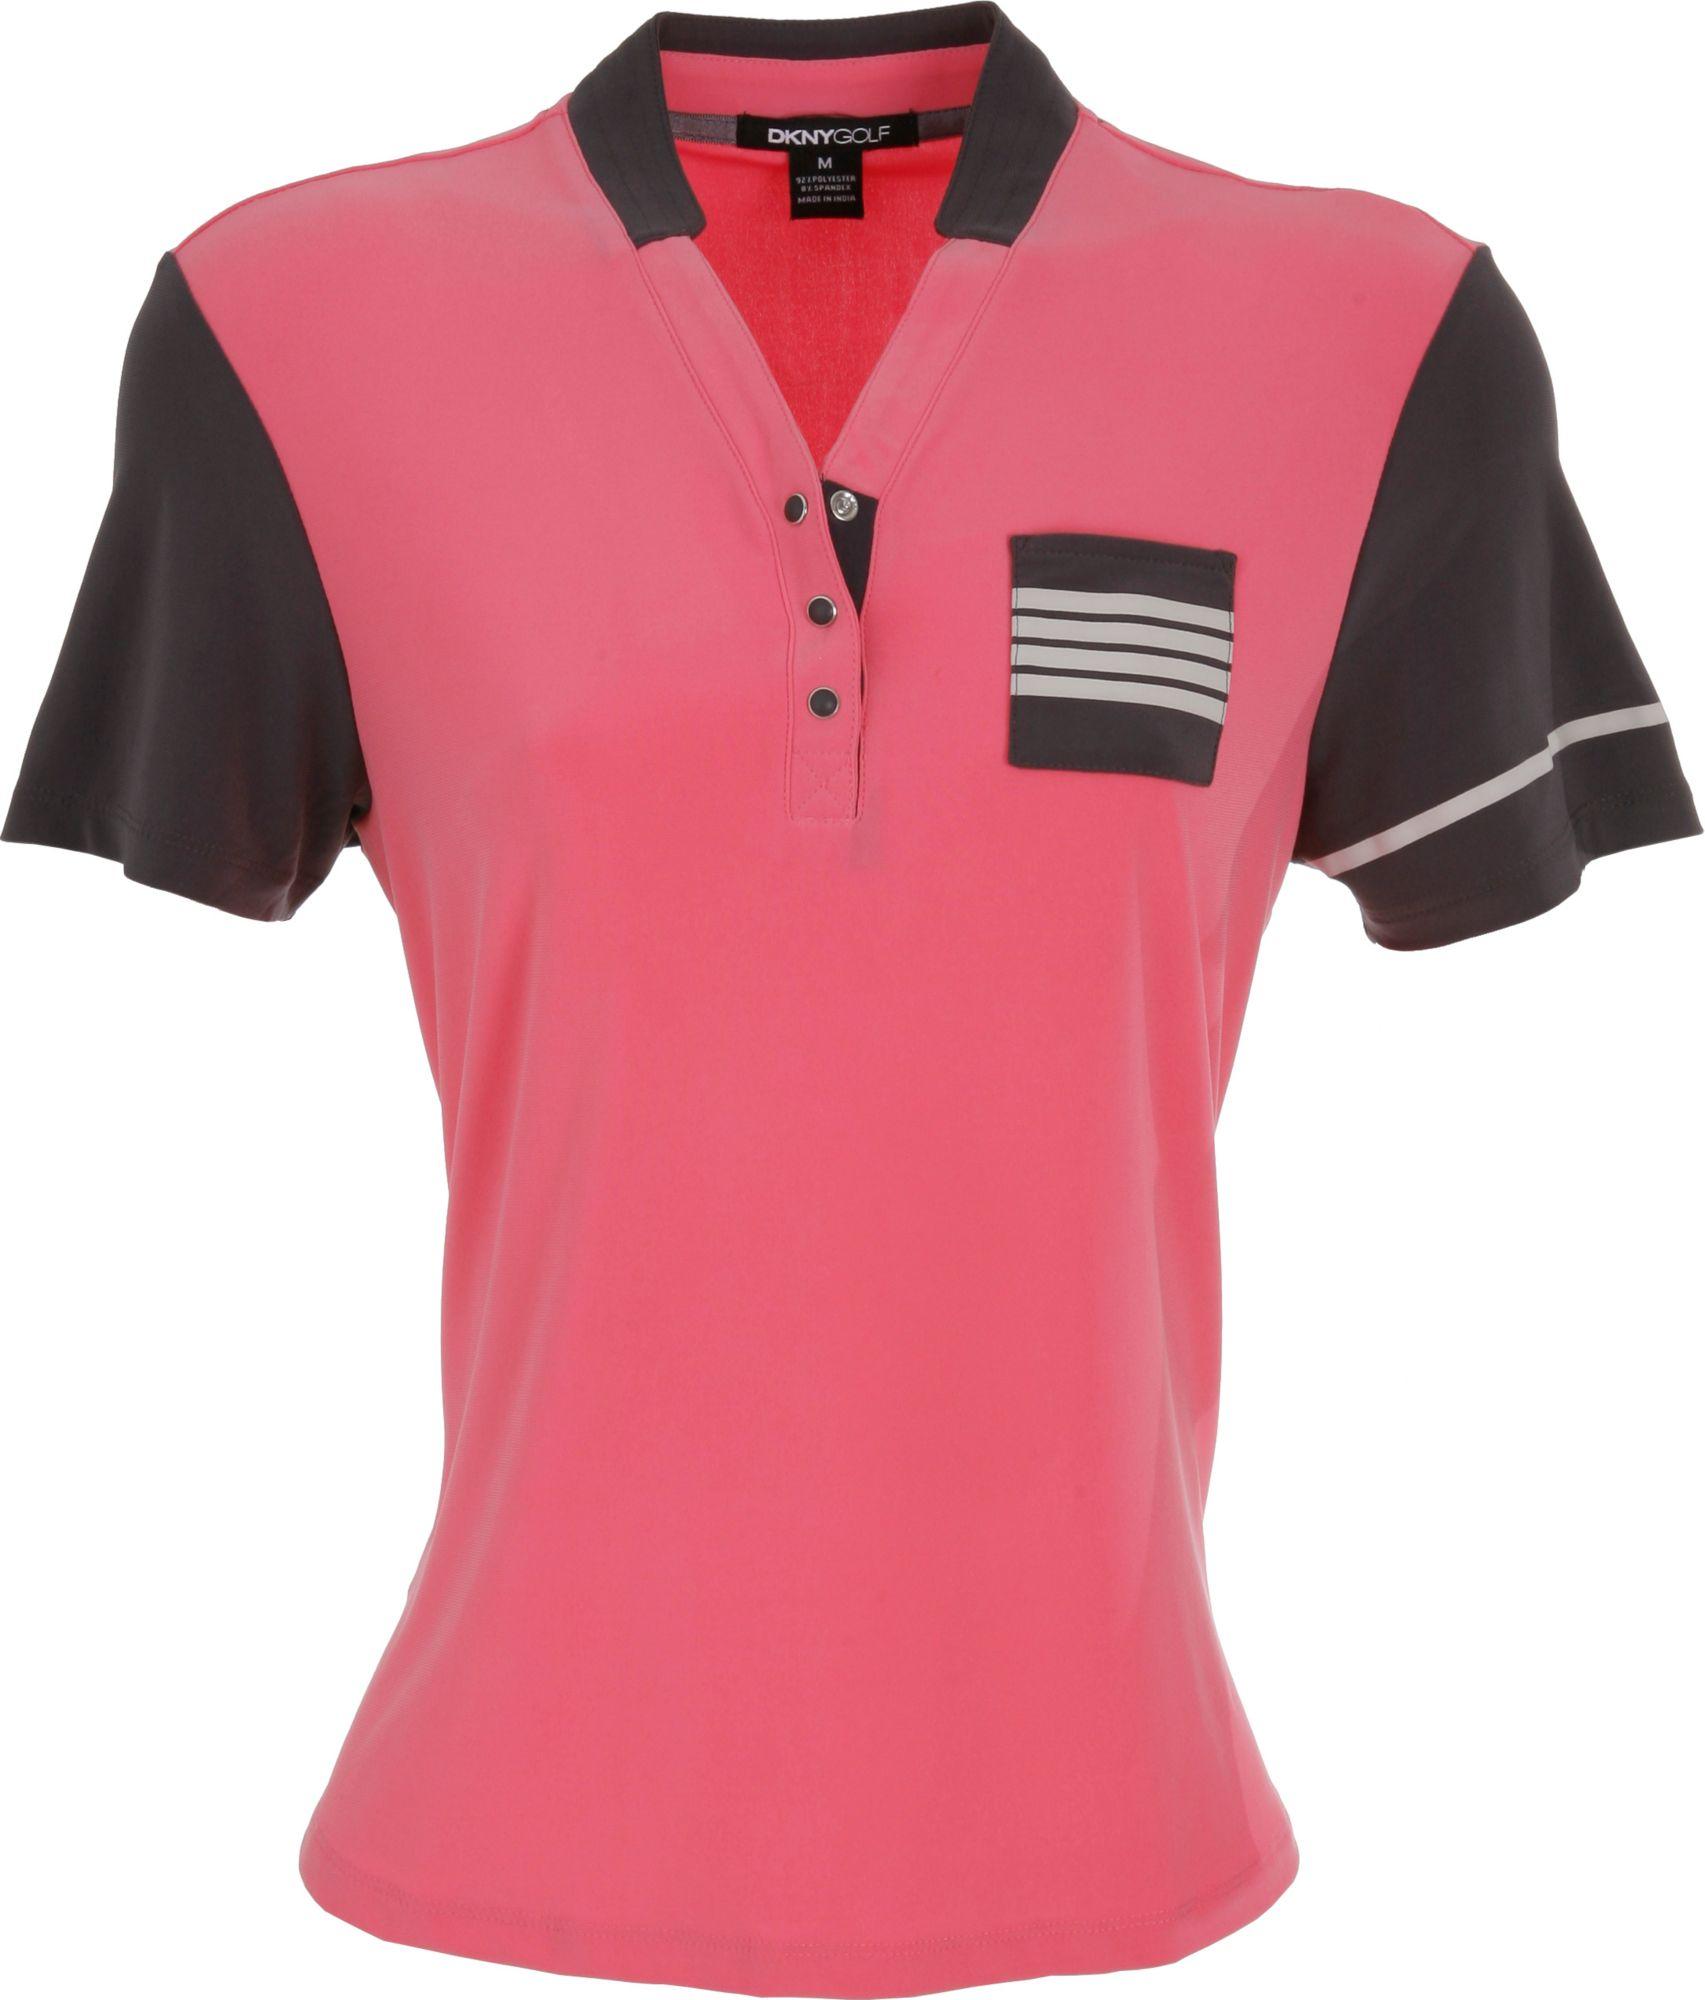 DKNY Women's V-Neck Pocket Romance Short Sleeve Polo